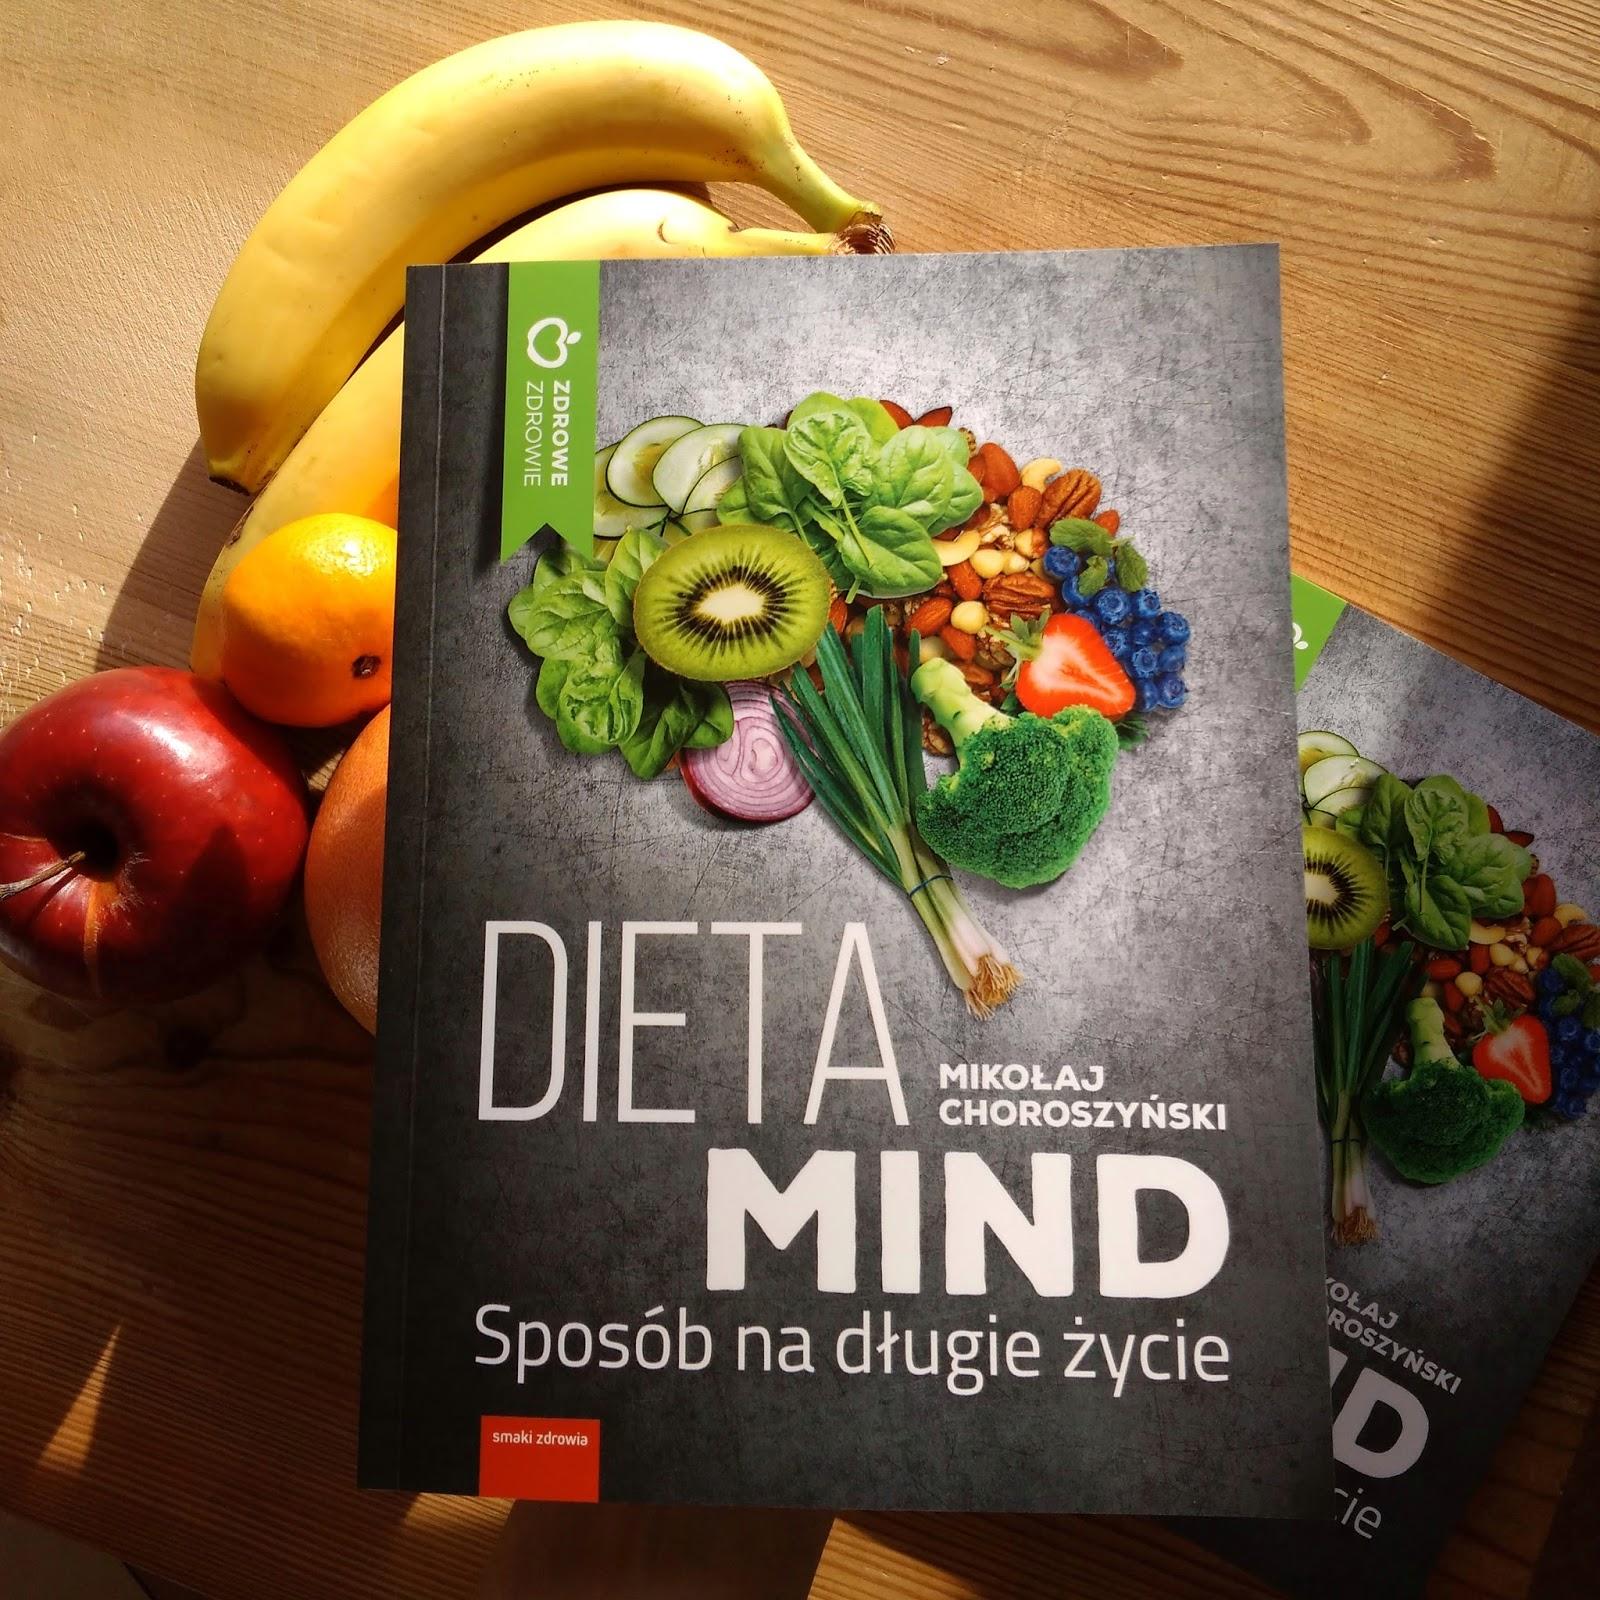 Dieta Mind książka dietetyk Mikołaj Choroszyński